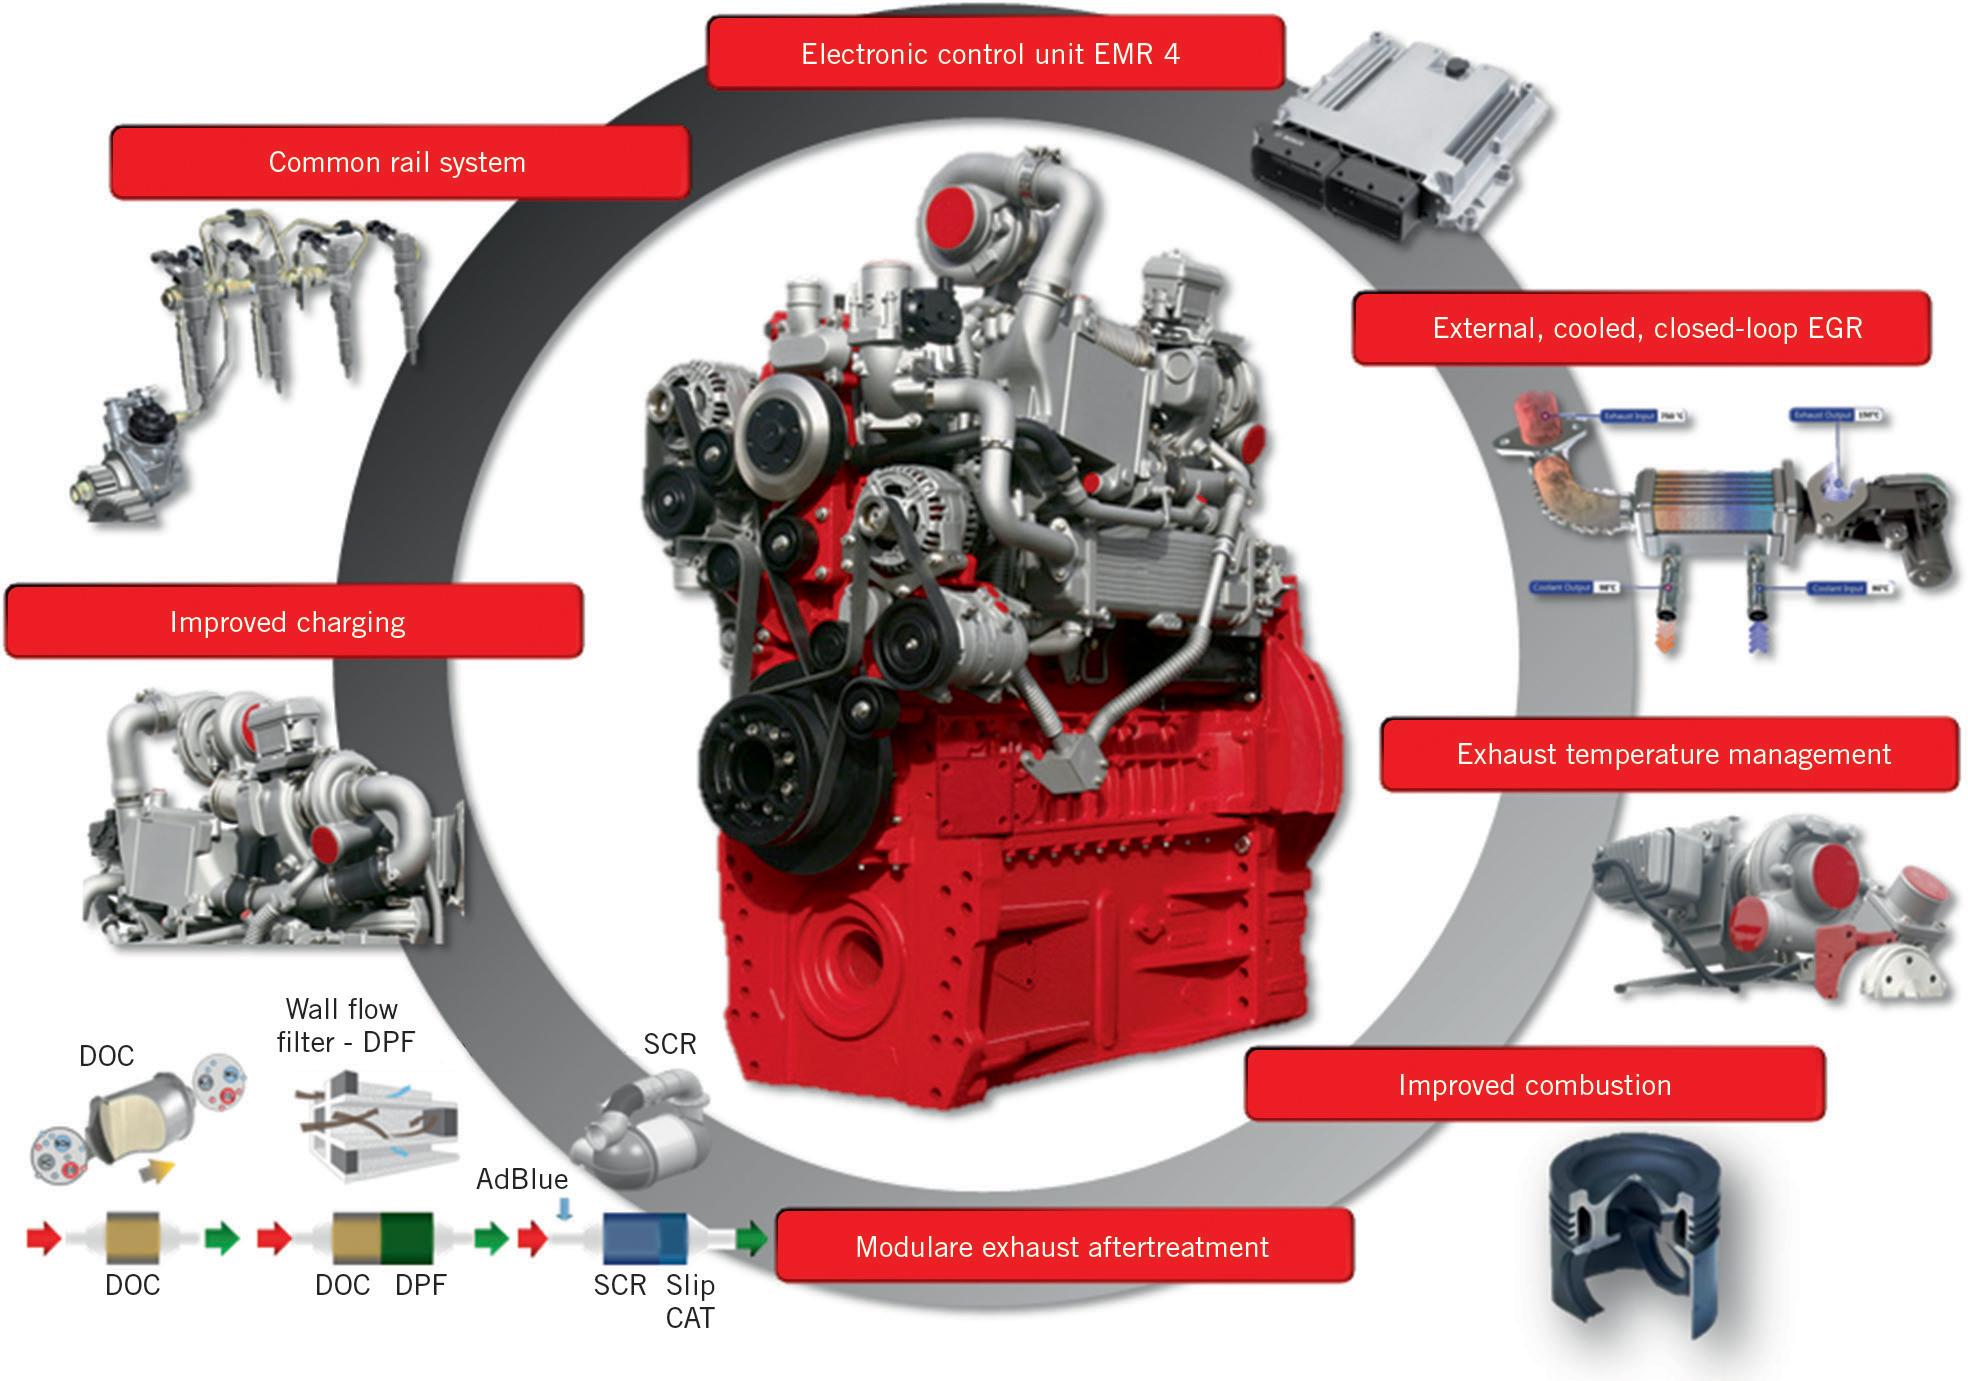 Deutz Engine Range for Stage V | SpringerLink